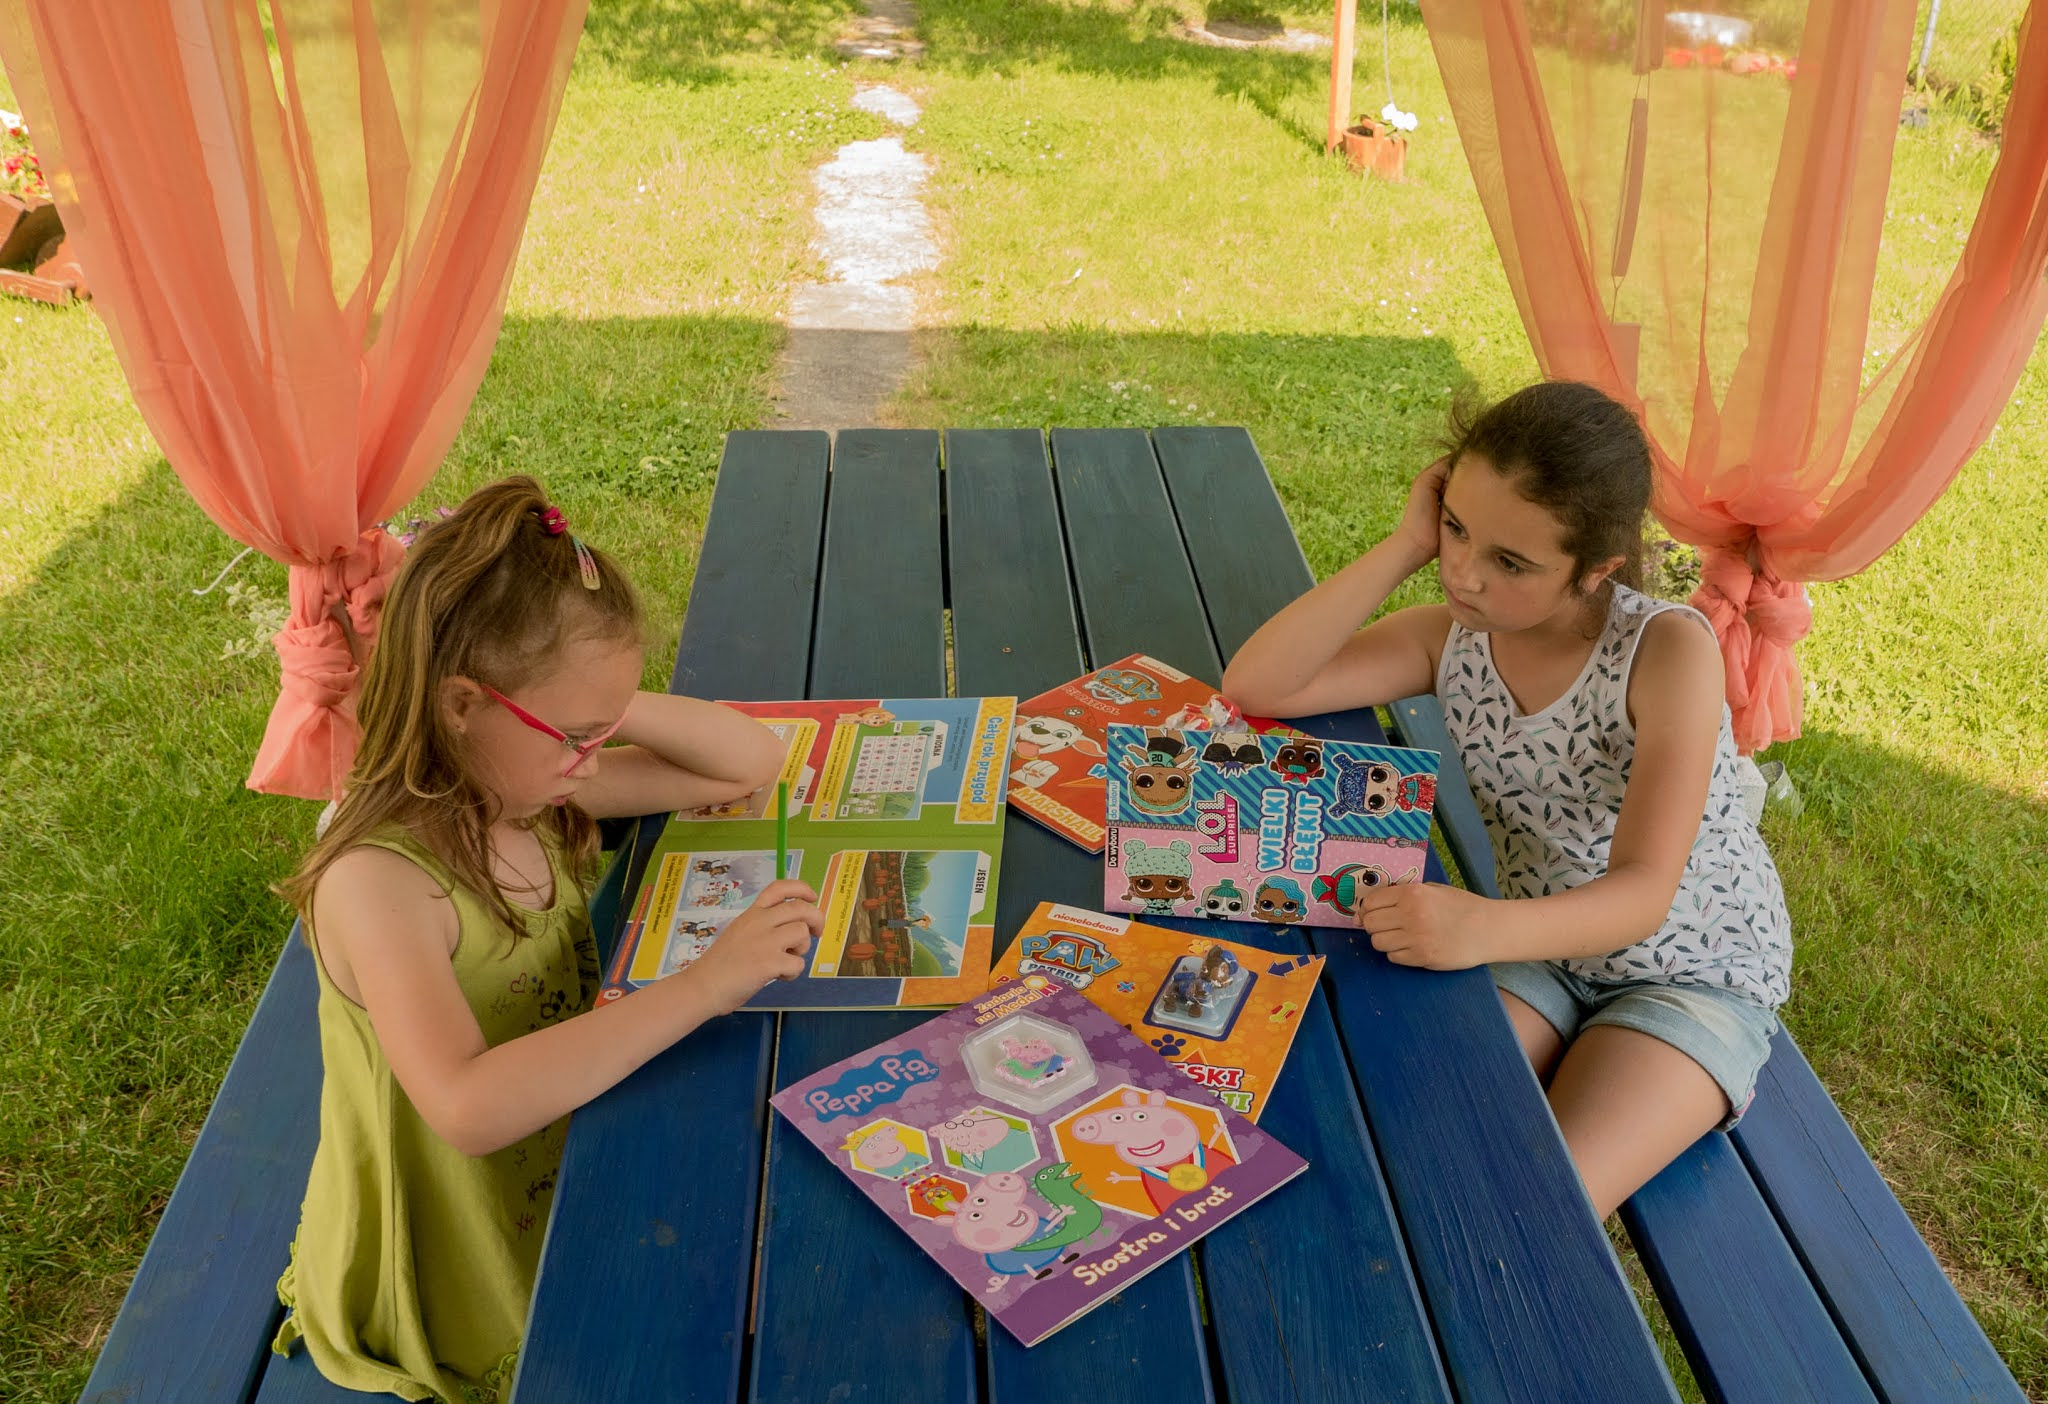 najlepsze książeczki dla dzieci na rynku